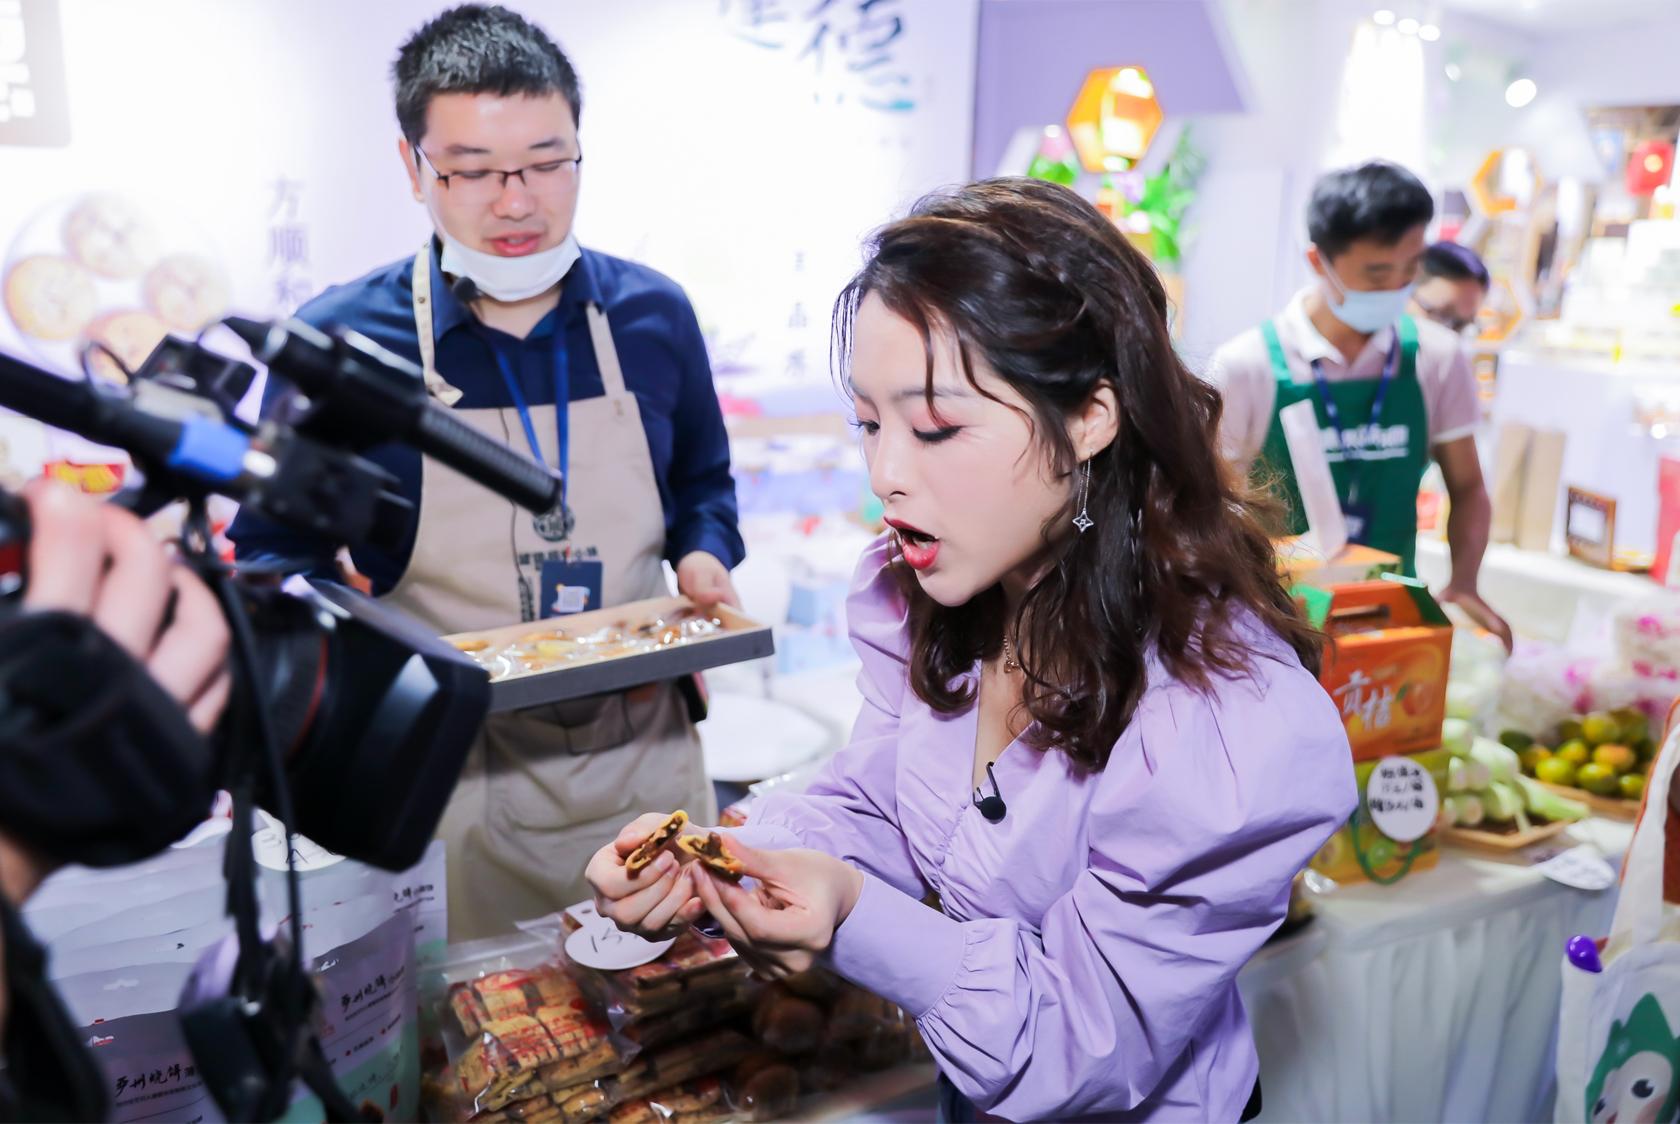 电台直播杭州丰收节美食盛宴